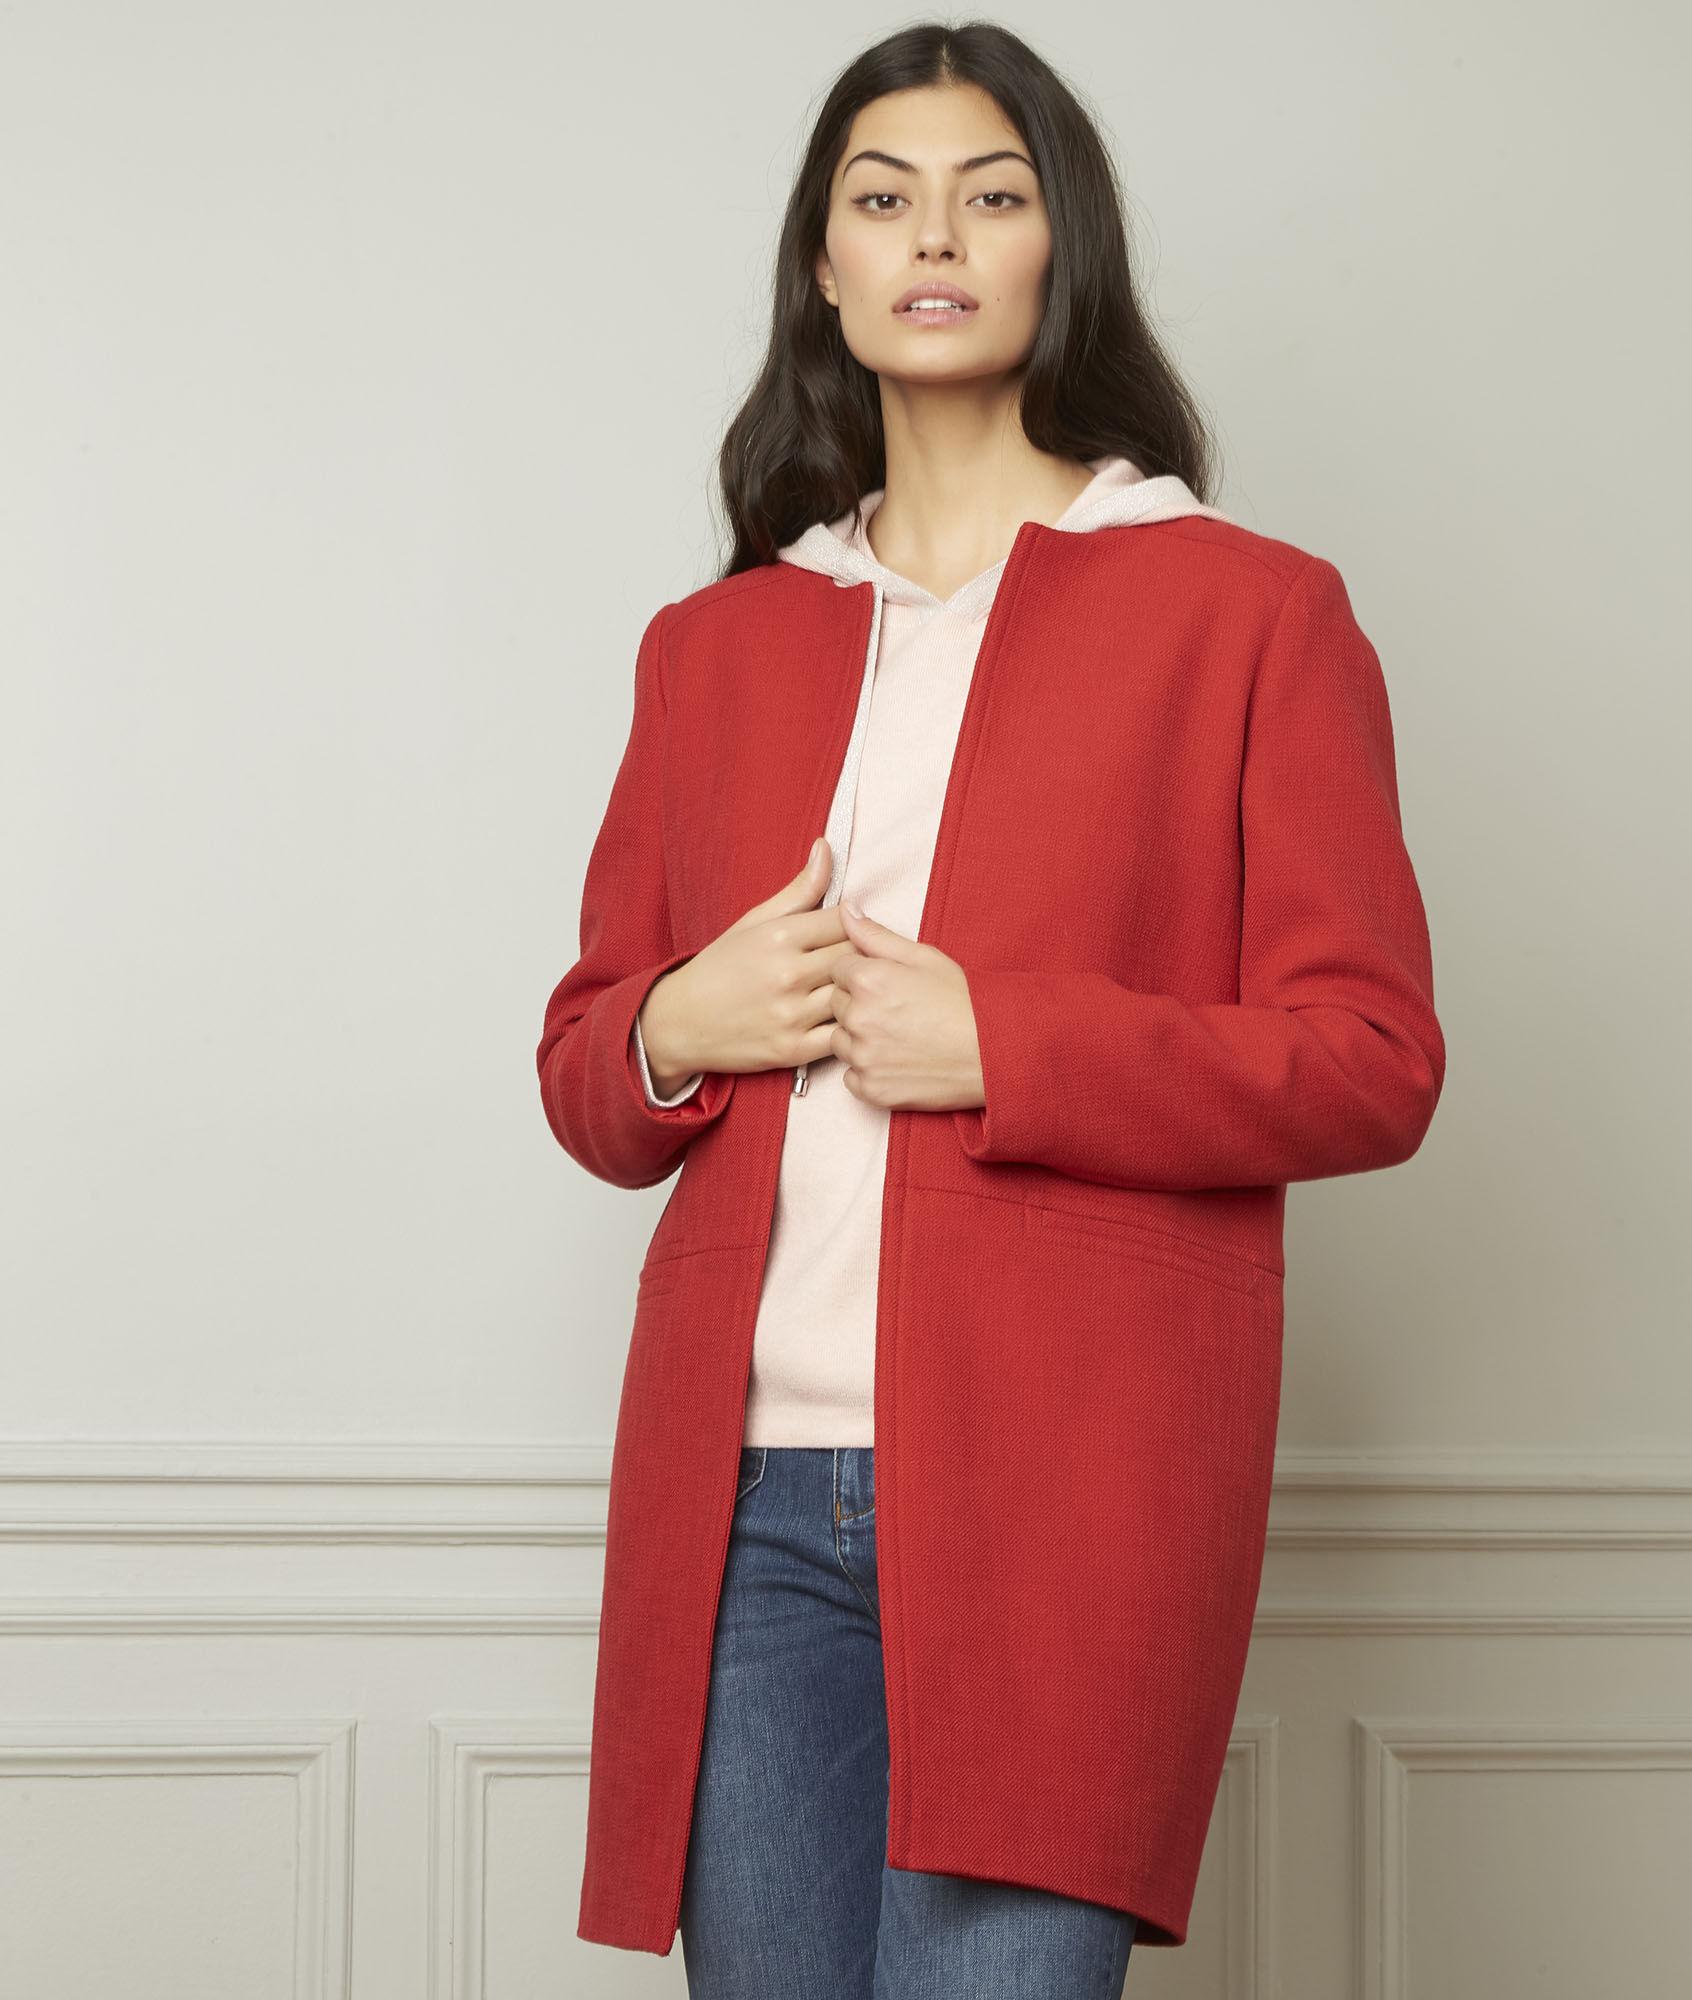 Veste classique femme rouge